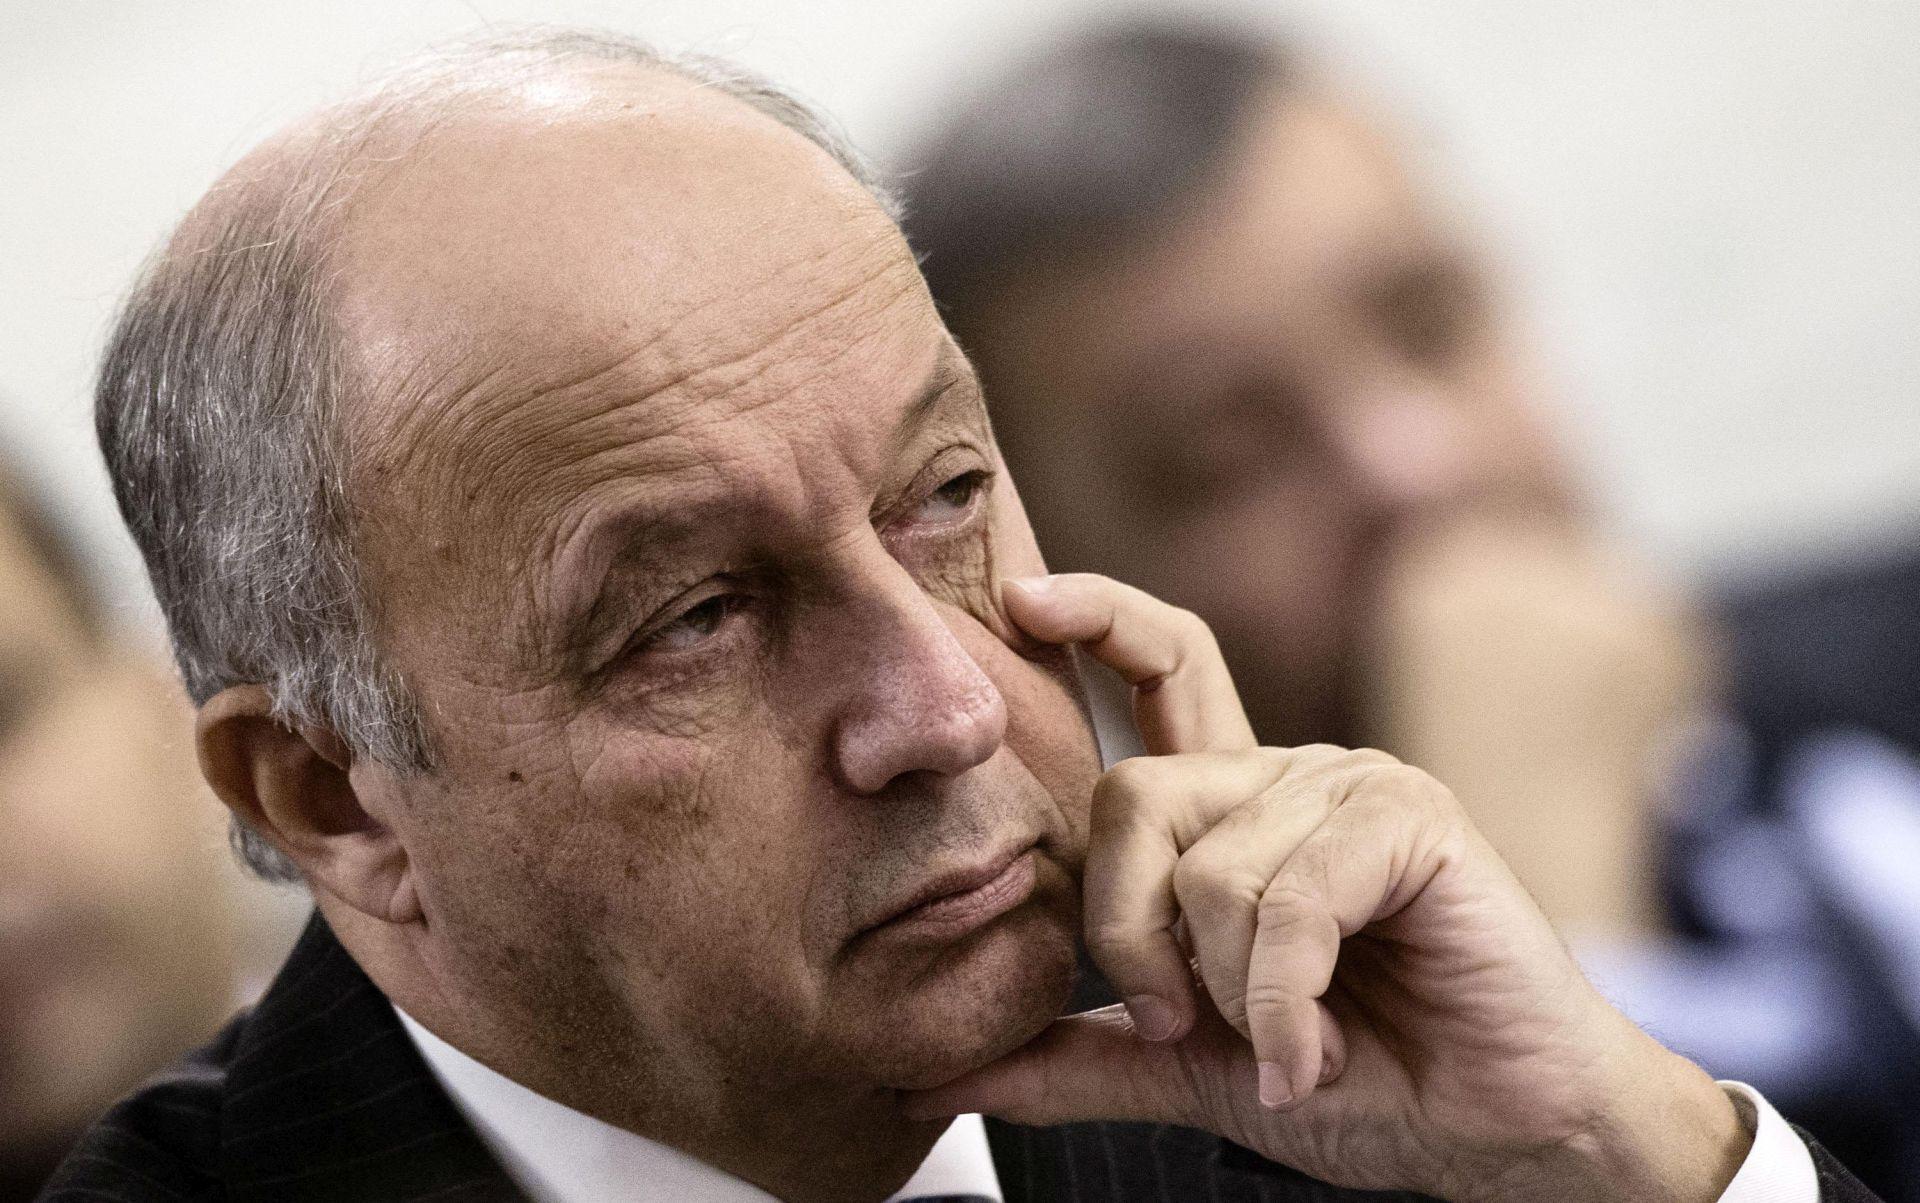 NIJE NAVEO RAZLOGE Laurent Fabius odlazi s mjesta ministra vanjskih poslova Francuske